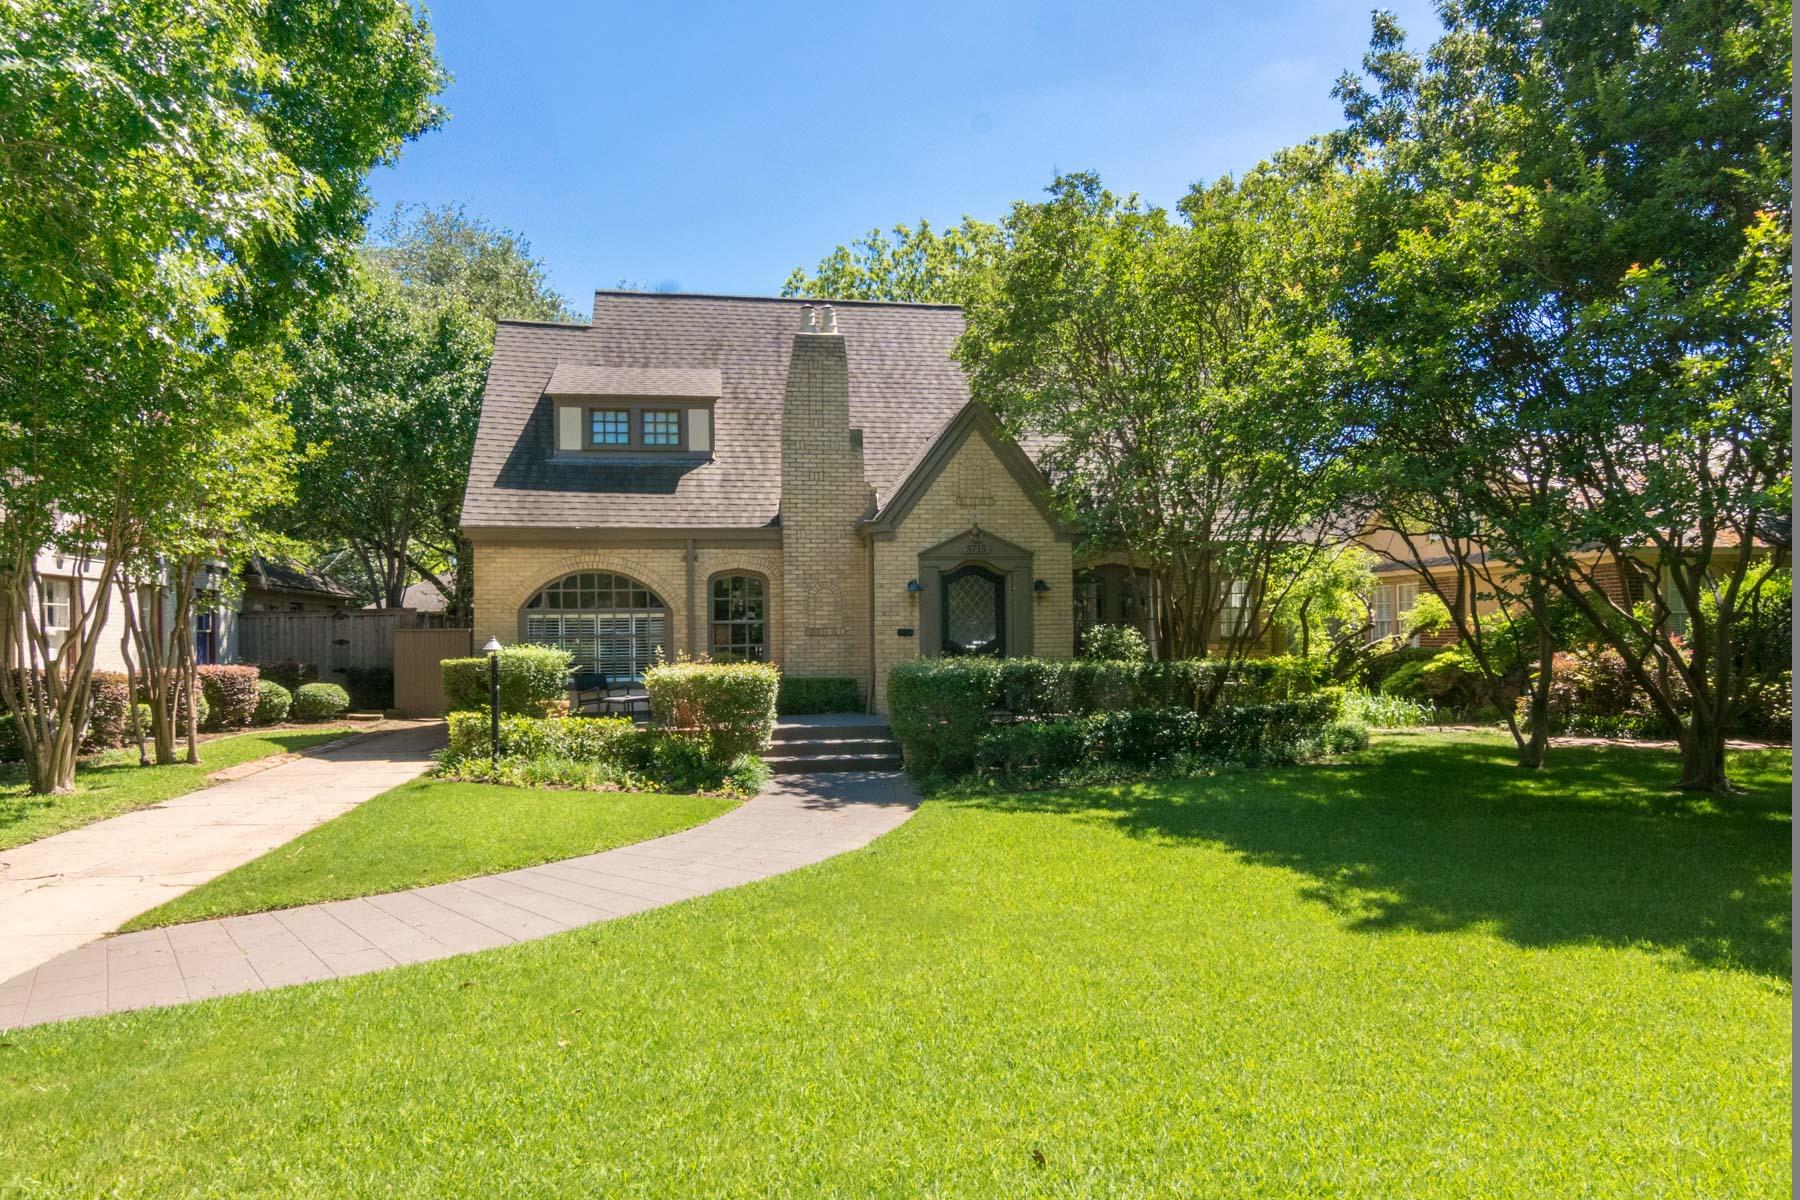 独户住宅 为 销售 在 Highland Park Traditional 3715 Mockingbird Lane 达拉斯, 得克萨斯州, 75205 美国